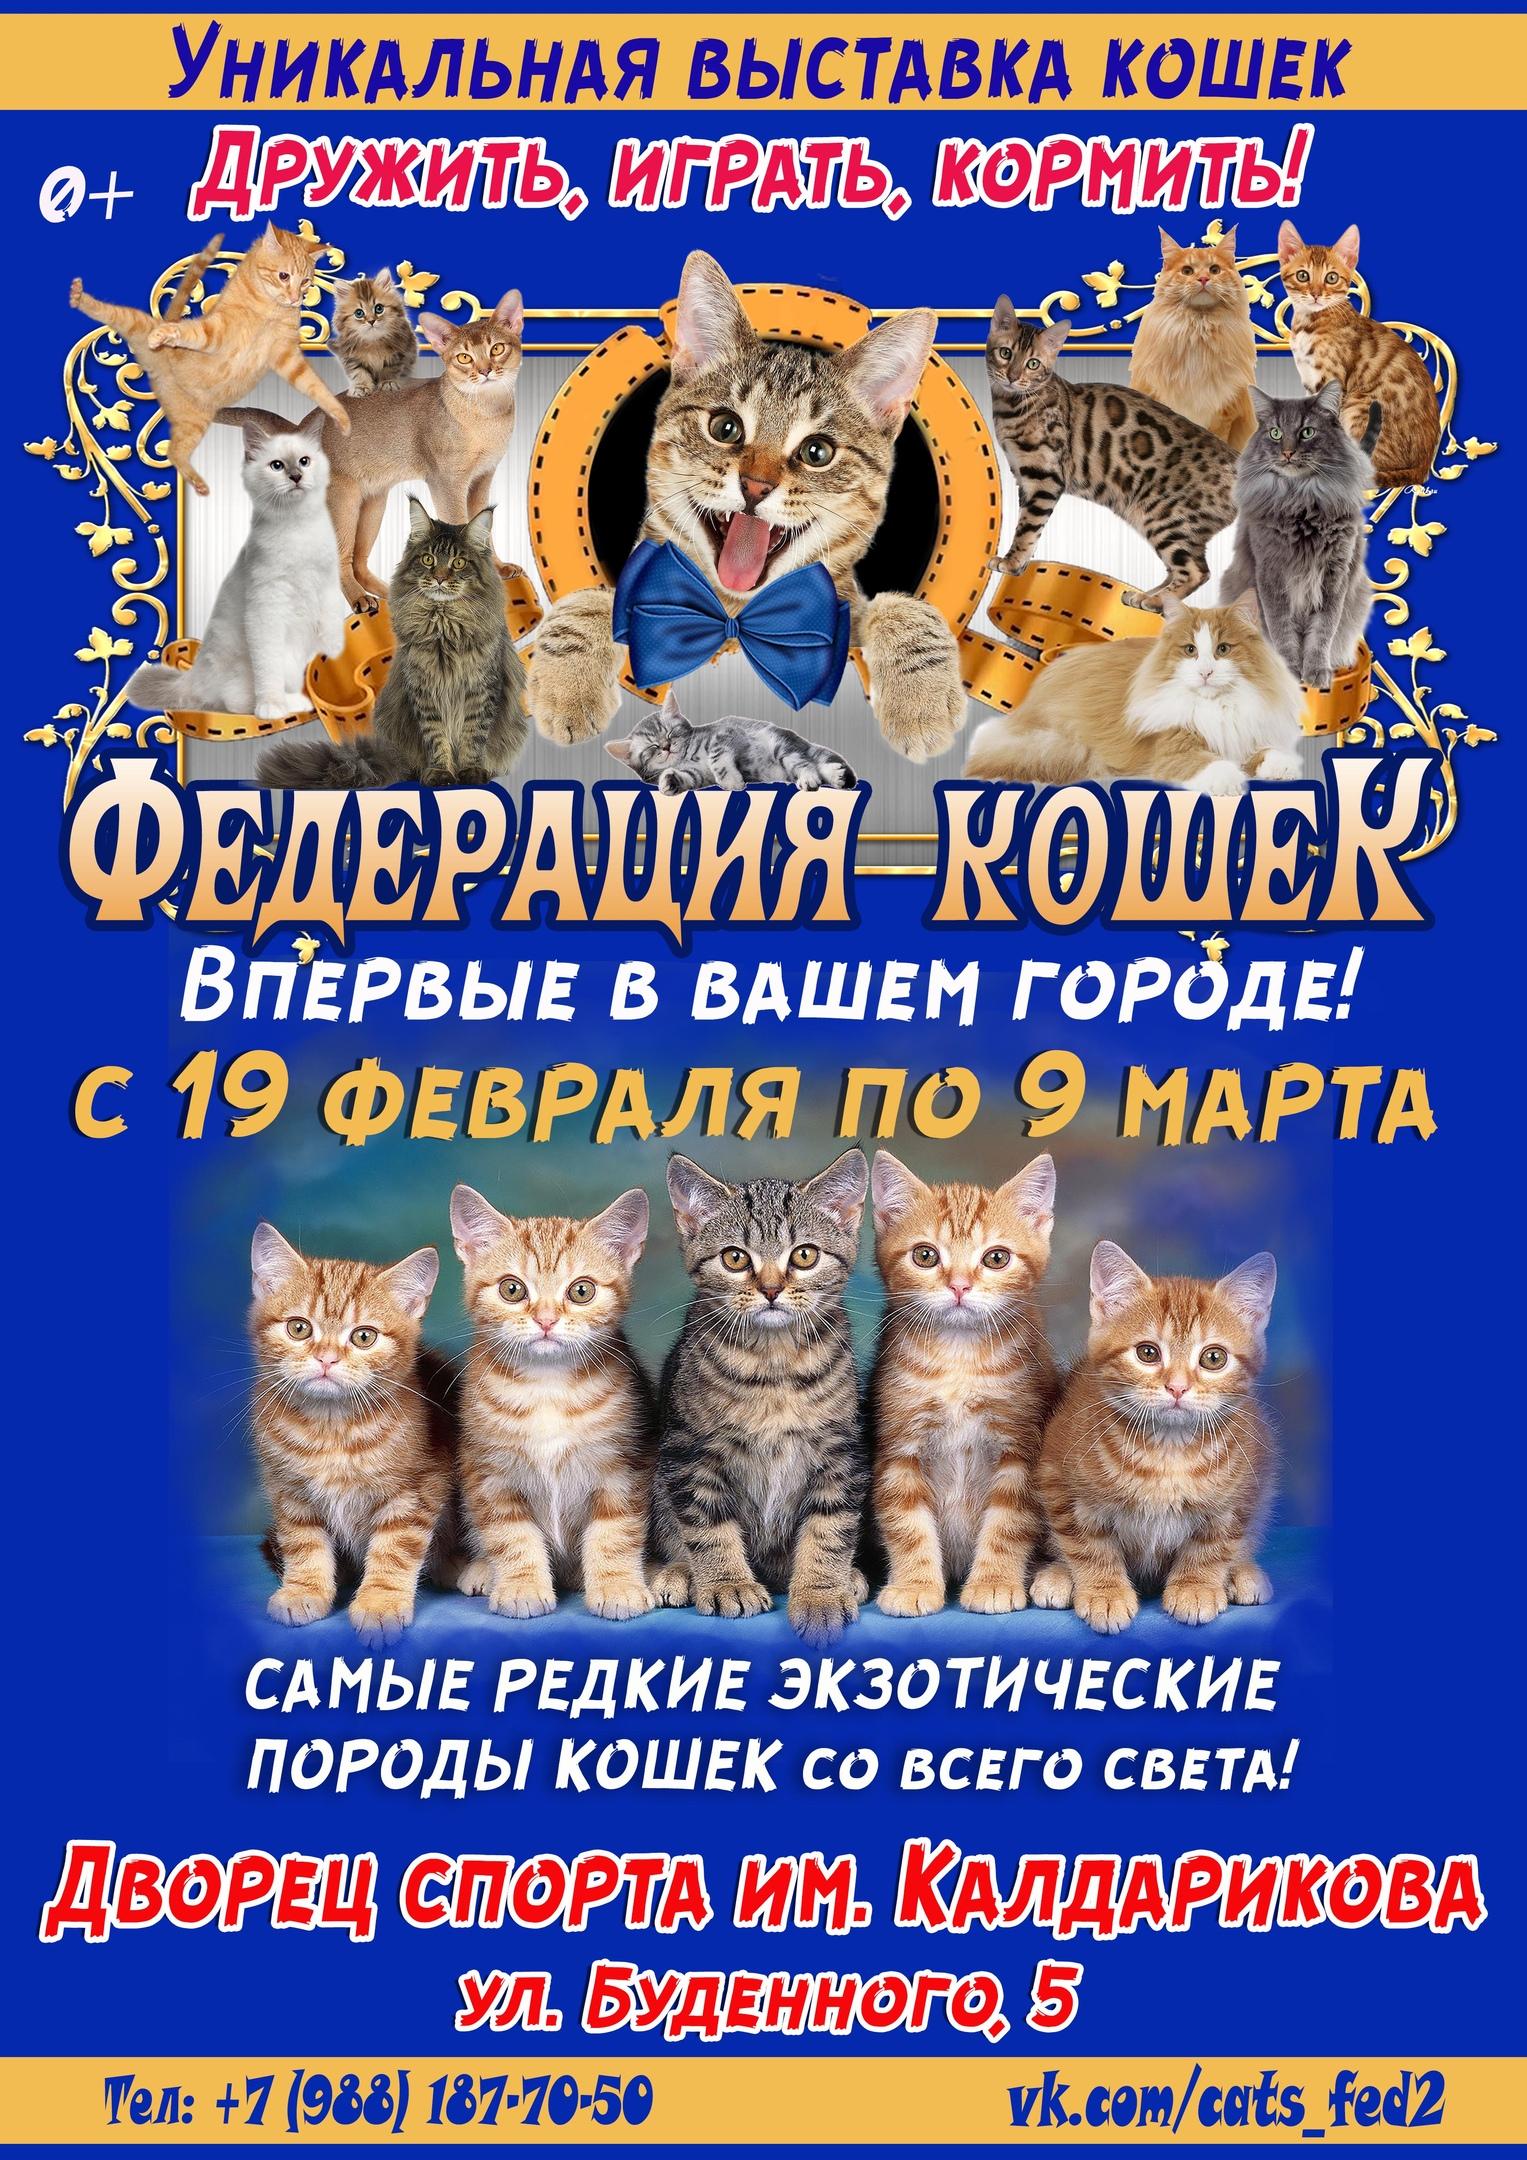 Выставка «Федерация кошек» в Элисте